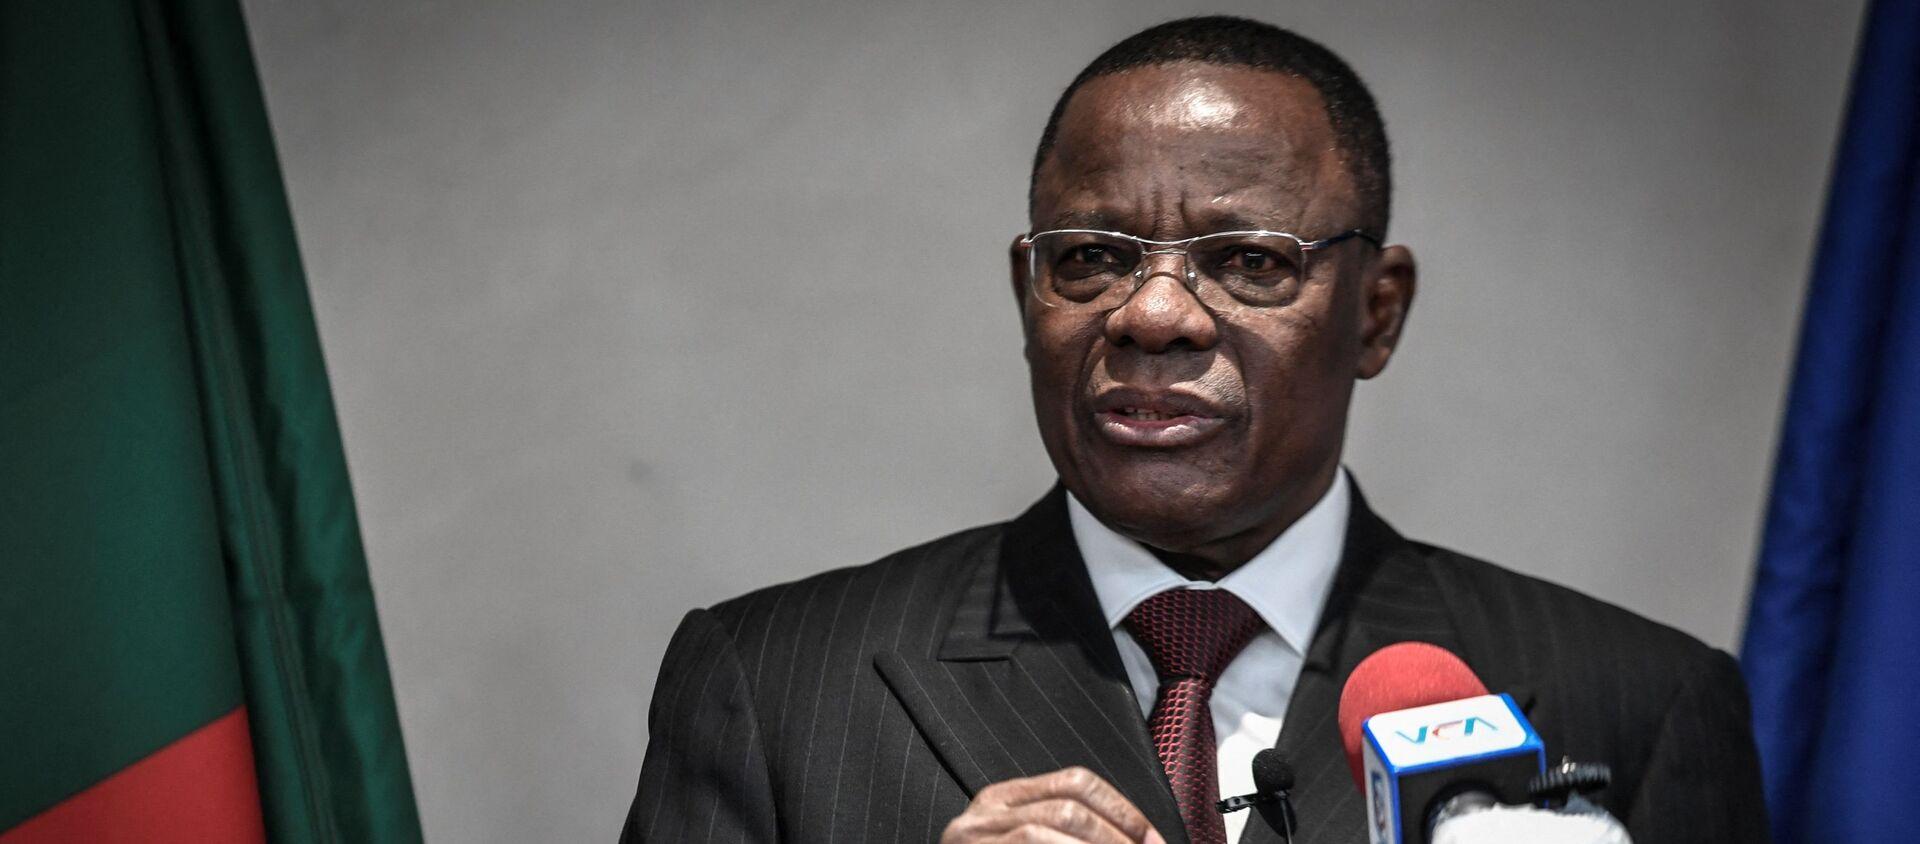 Maurice Kamto, leader de l'opposition camerounaise, lors d'une conférence de presse à Paris le 30 janvier 2020 - Sputnik France, 1920, 28.07.2021